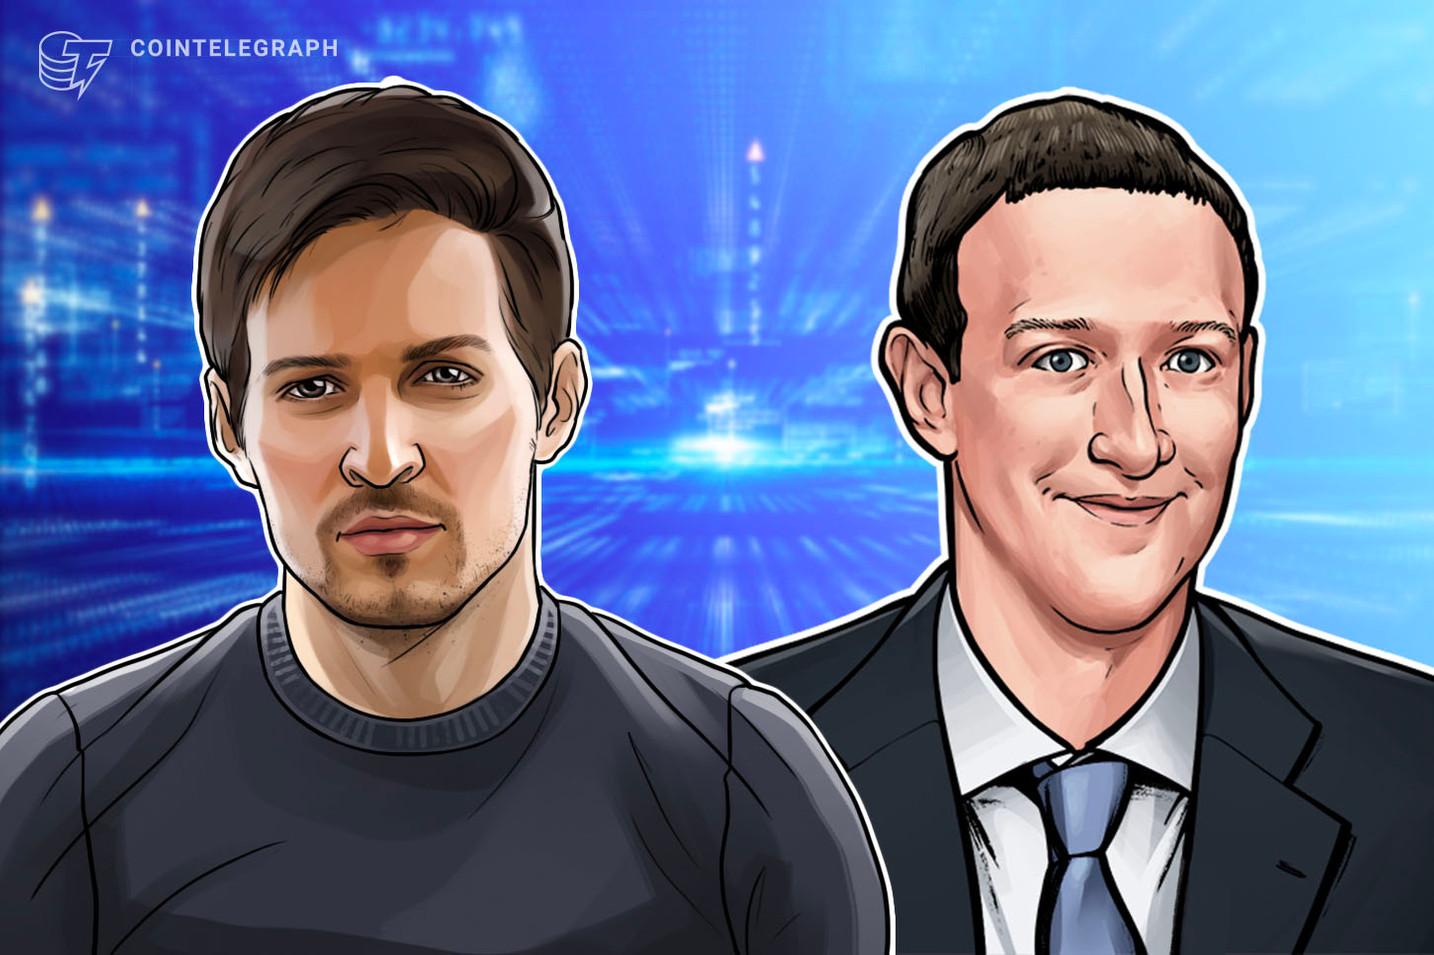 La postura de Mark Zuckerberg y Pavel Durov como defensores contra las invasiones tecnológicas extranjeras